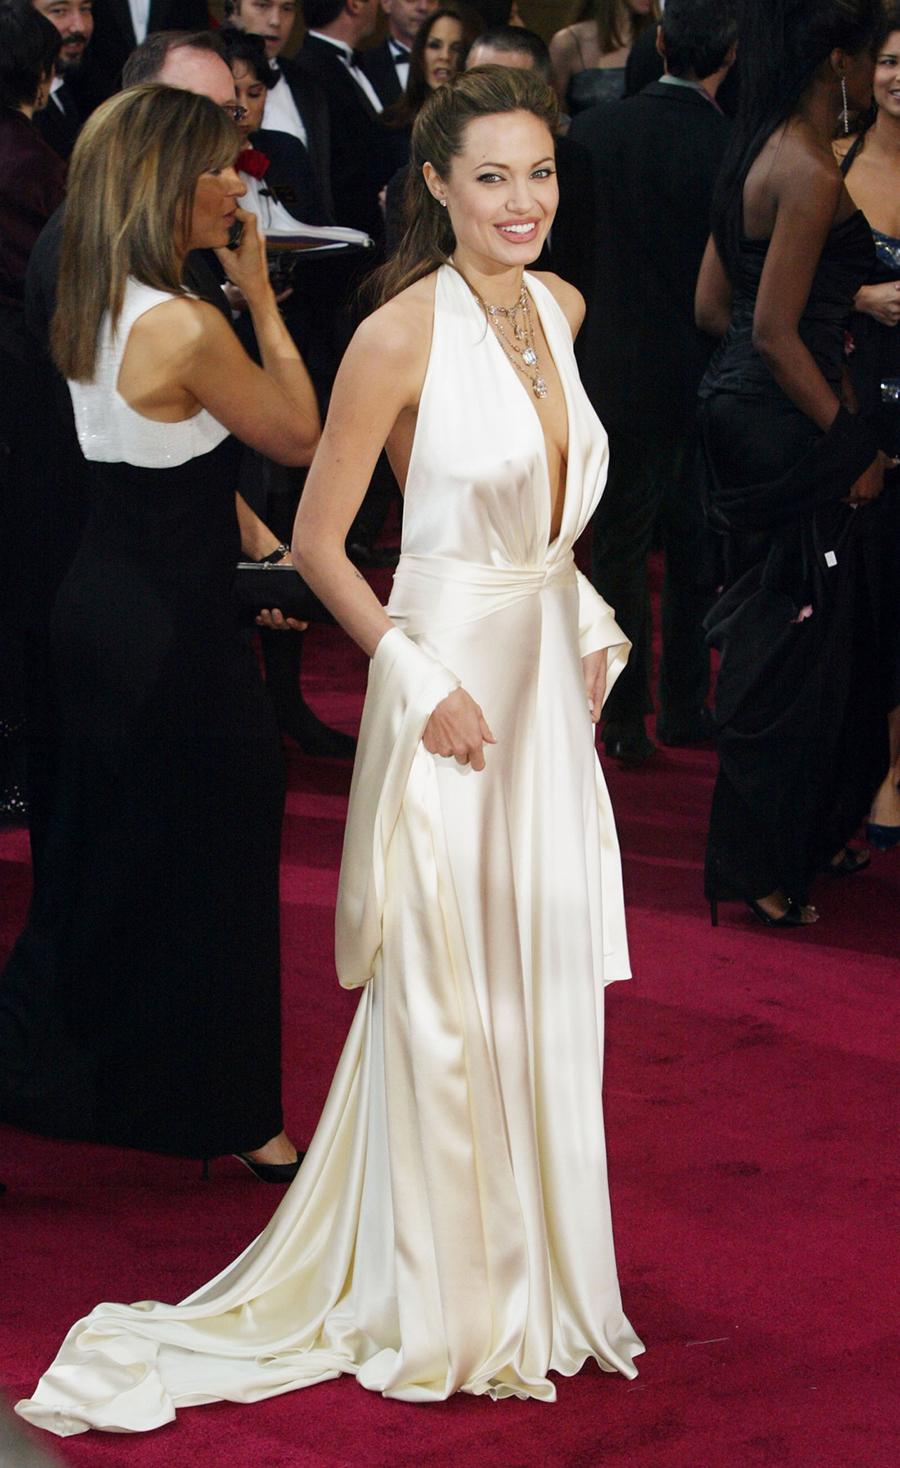 Đến dự Oscar 2004, người đẹp sinh năm 1975 chọn đầm satin xẻ ngực của Marc Bouwer,